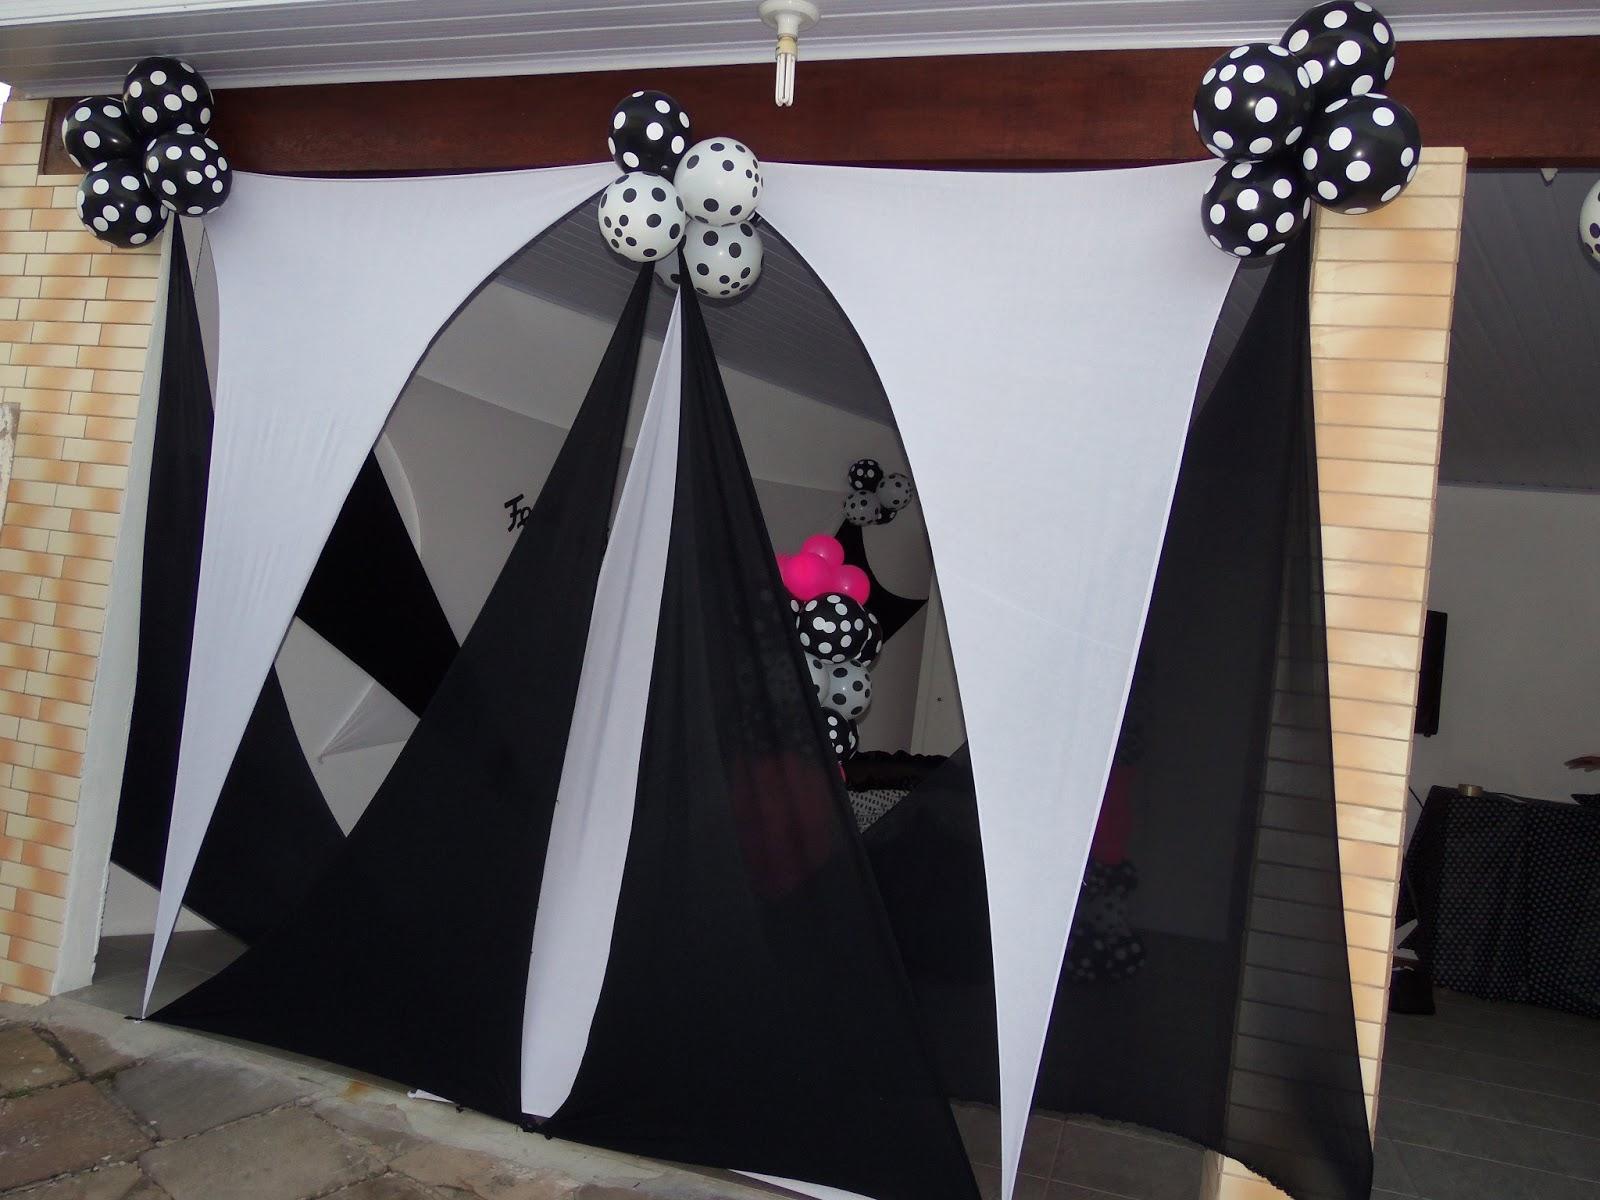 decoracao festa retro:Top Fest :::: Decorações Infantis ::::: Festas Retrô